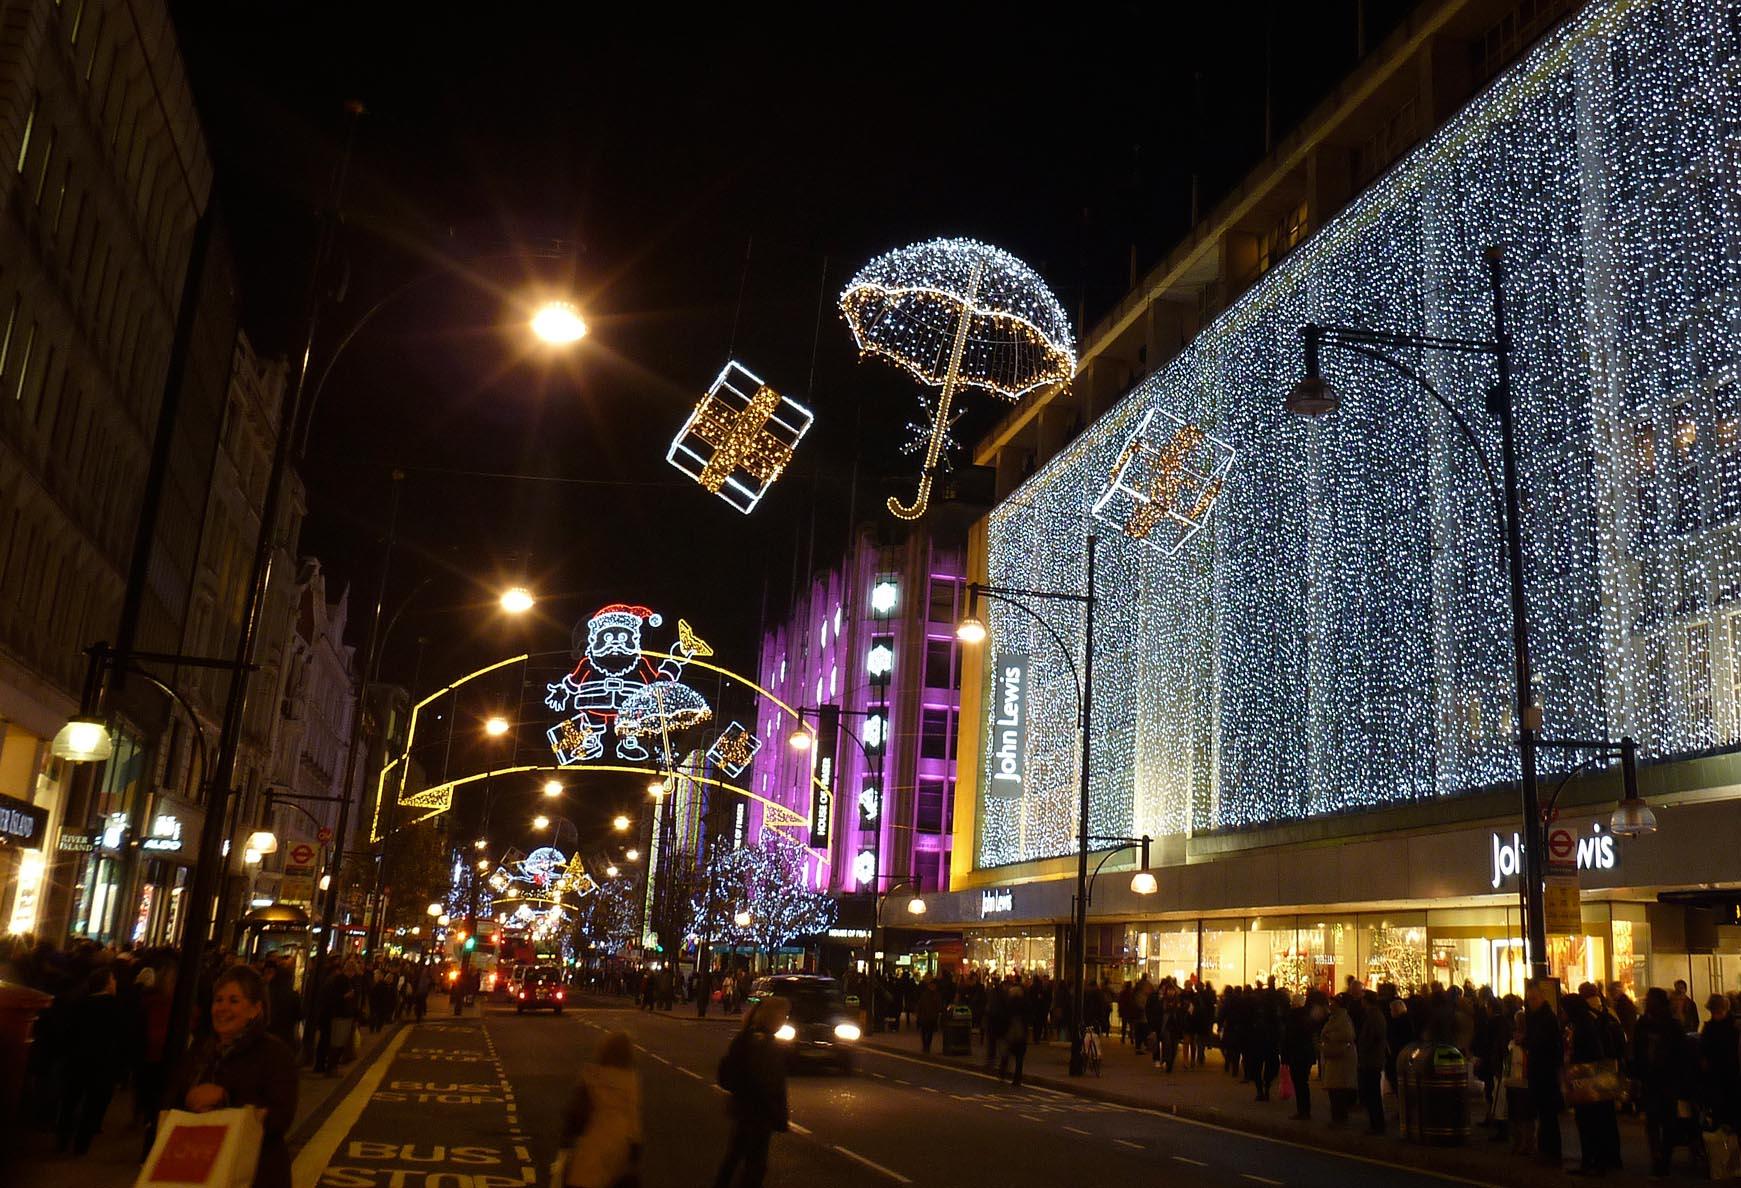 fileoxford street john lewis store christmas. user comment contributions fileoxford street john lewis store christmas i